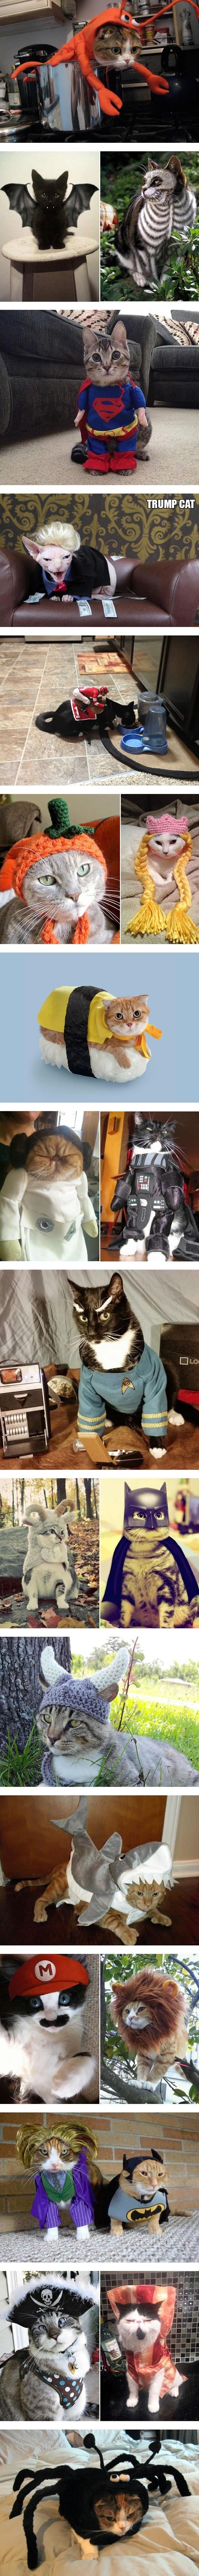 Halloween cat costumes